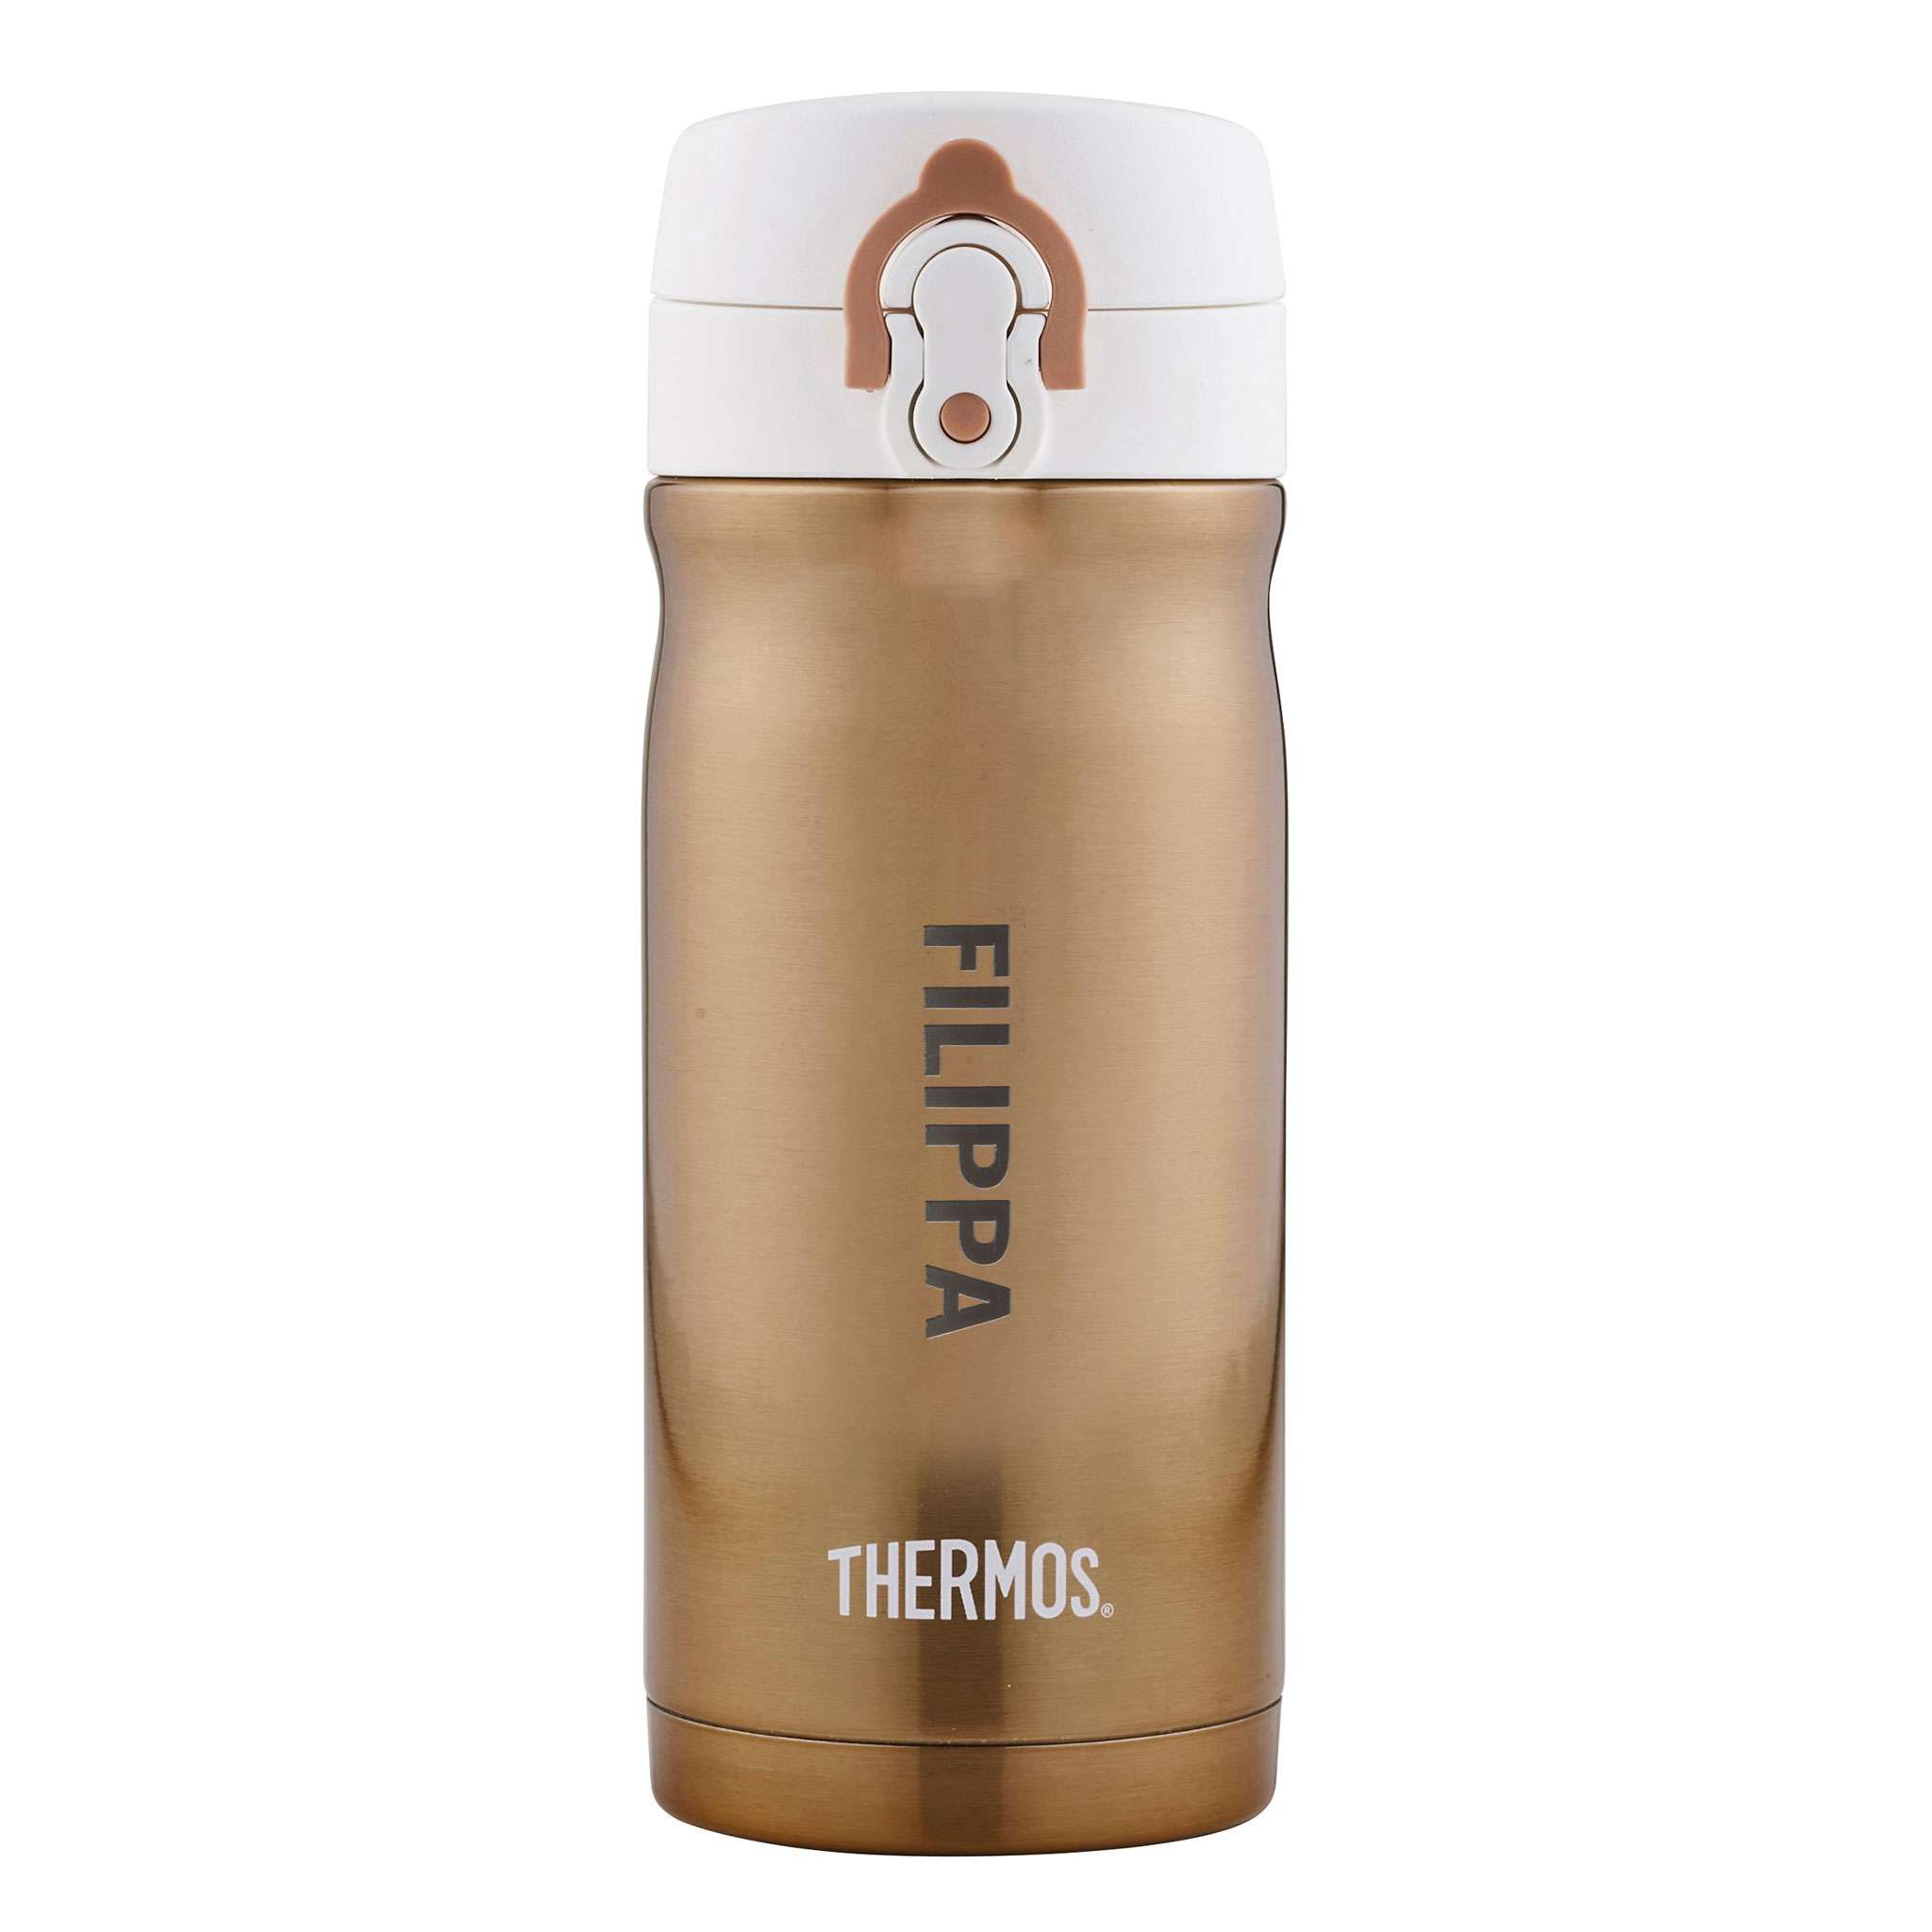 Thermos JMY Termosmuki 0,35 litraa, Kulta